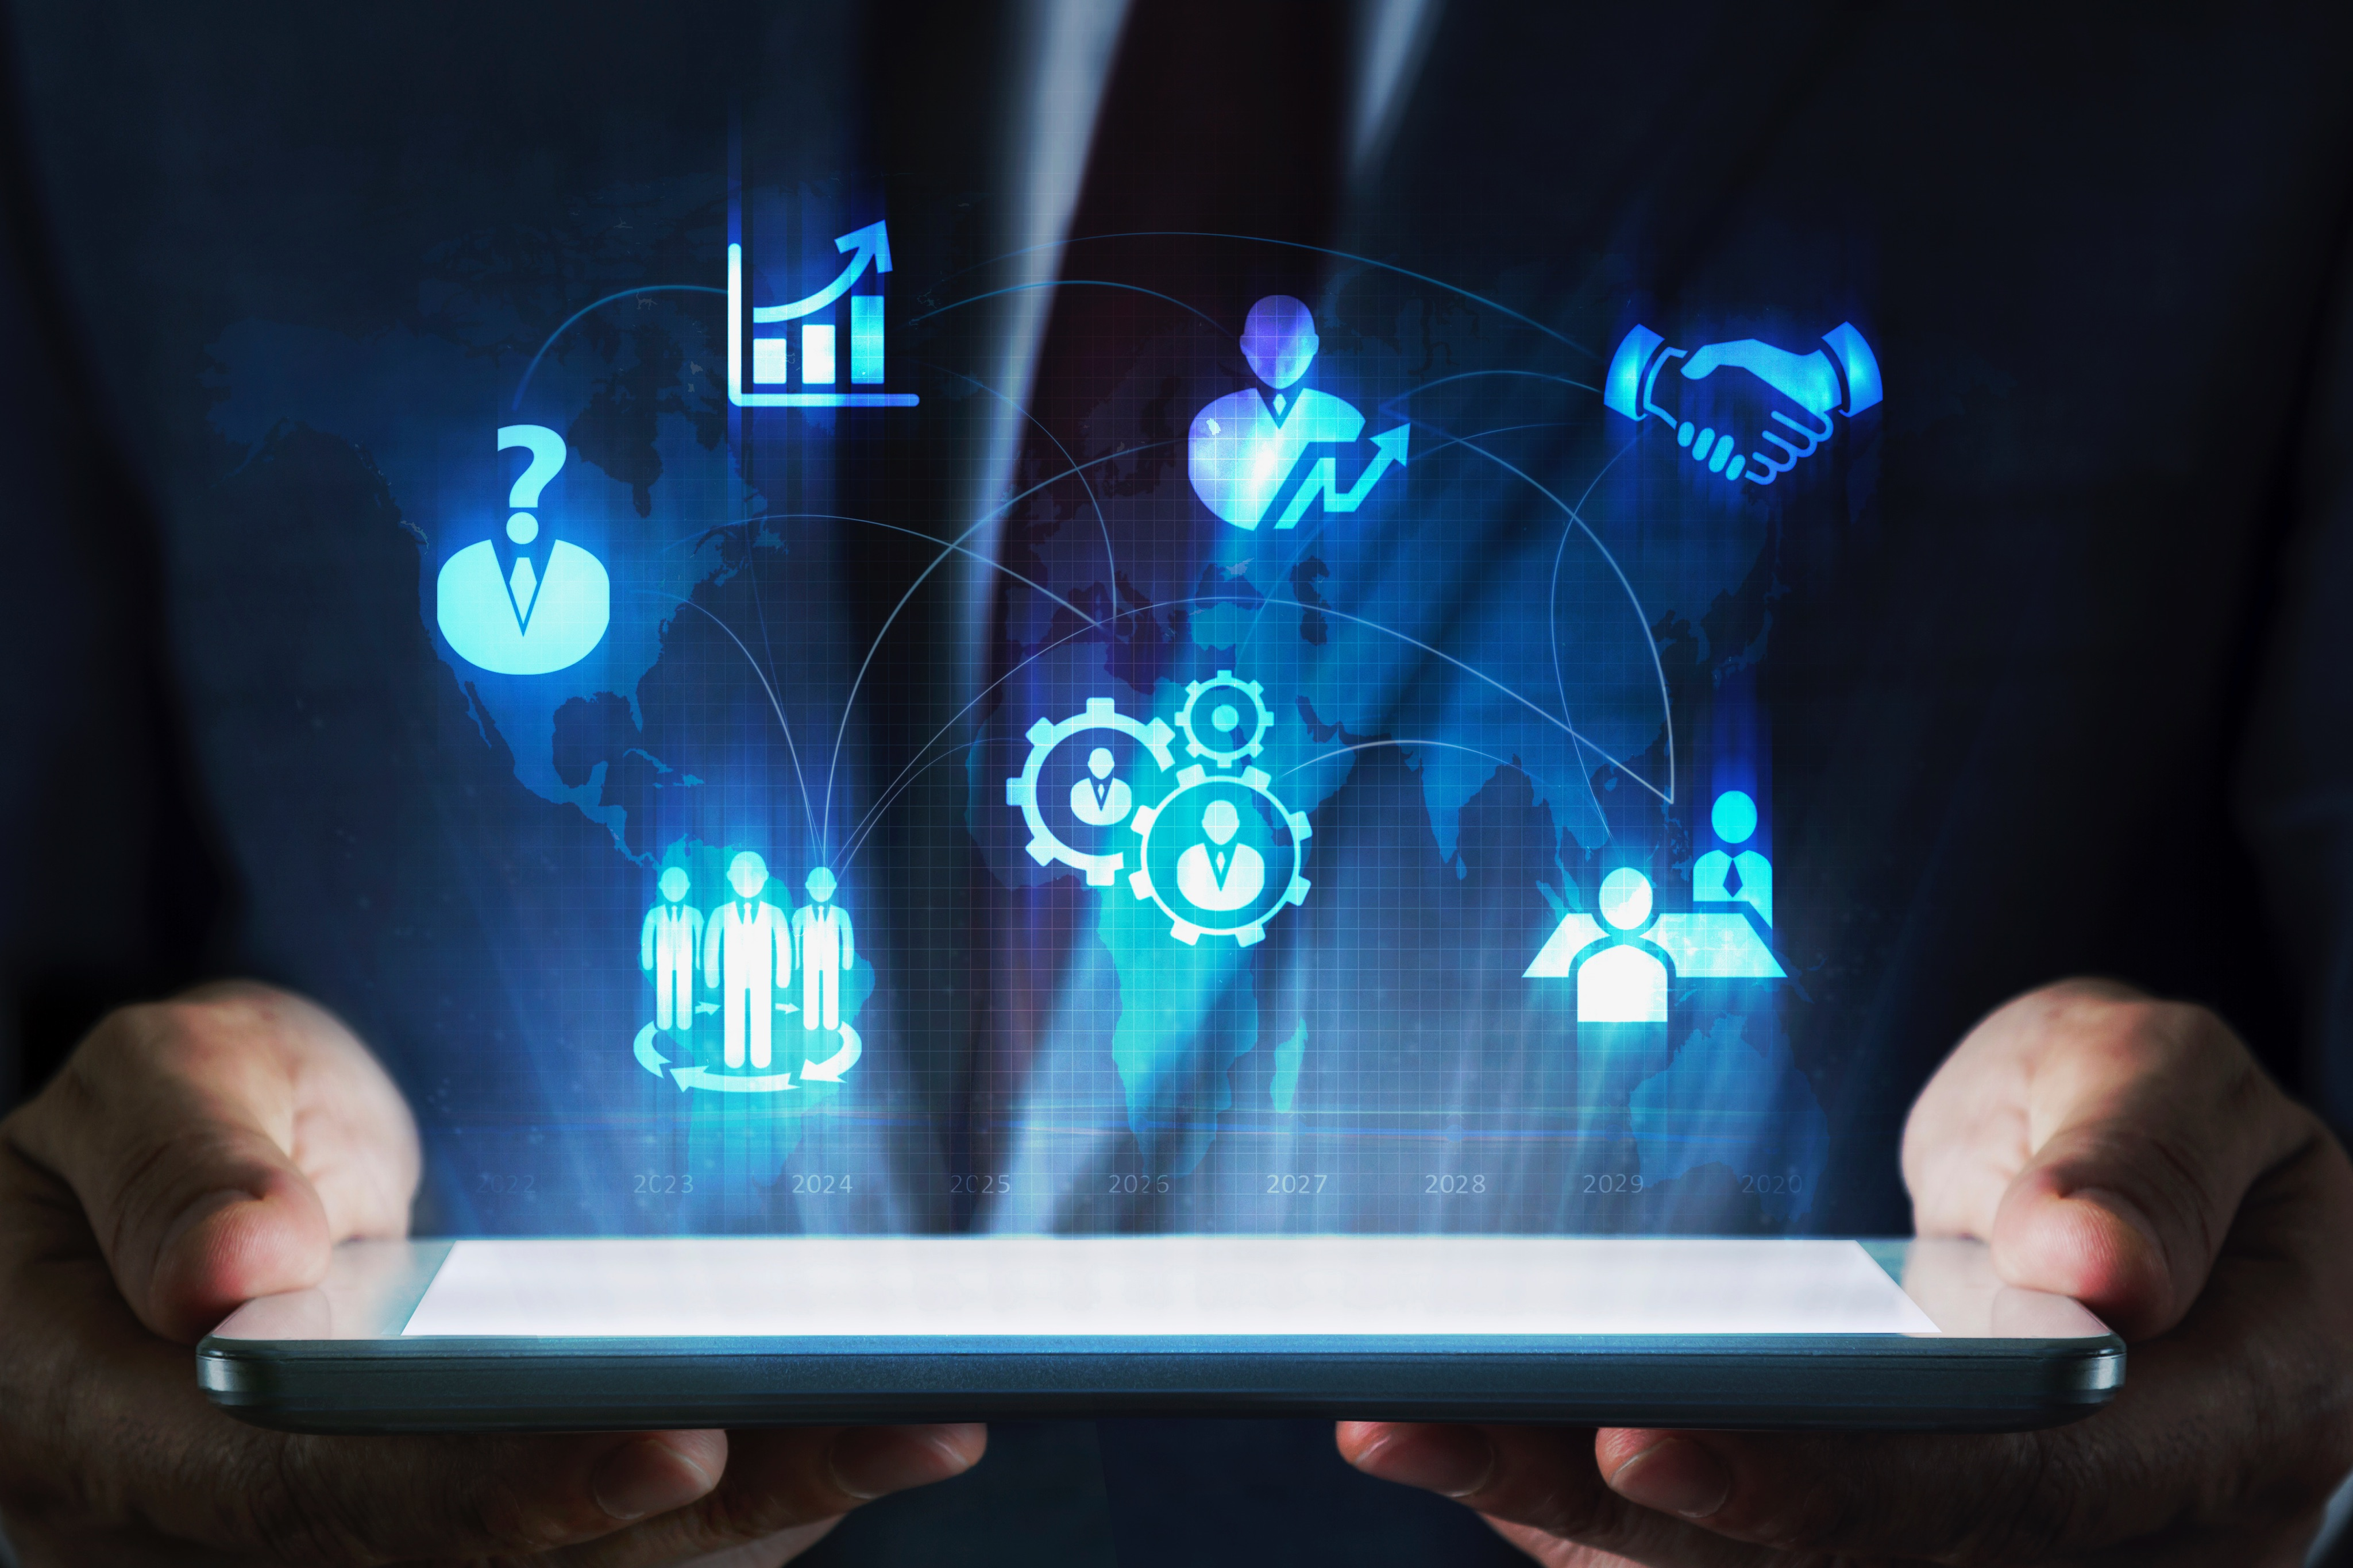 comunicaciones-unificadas-simplificacion-negocios.jpg